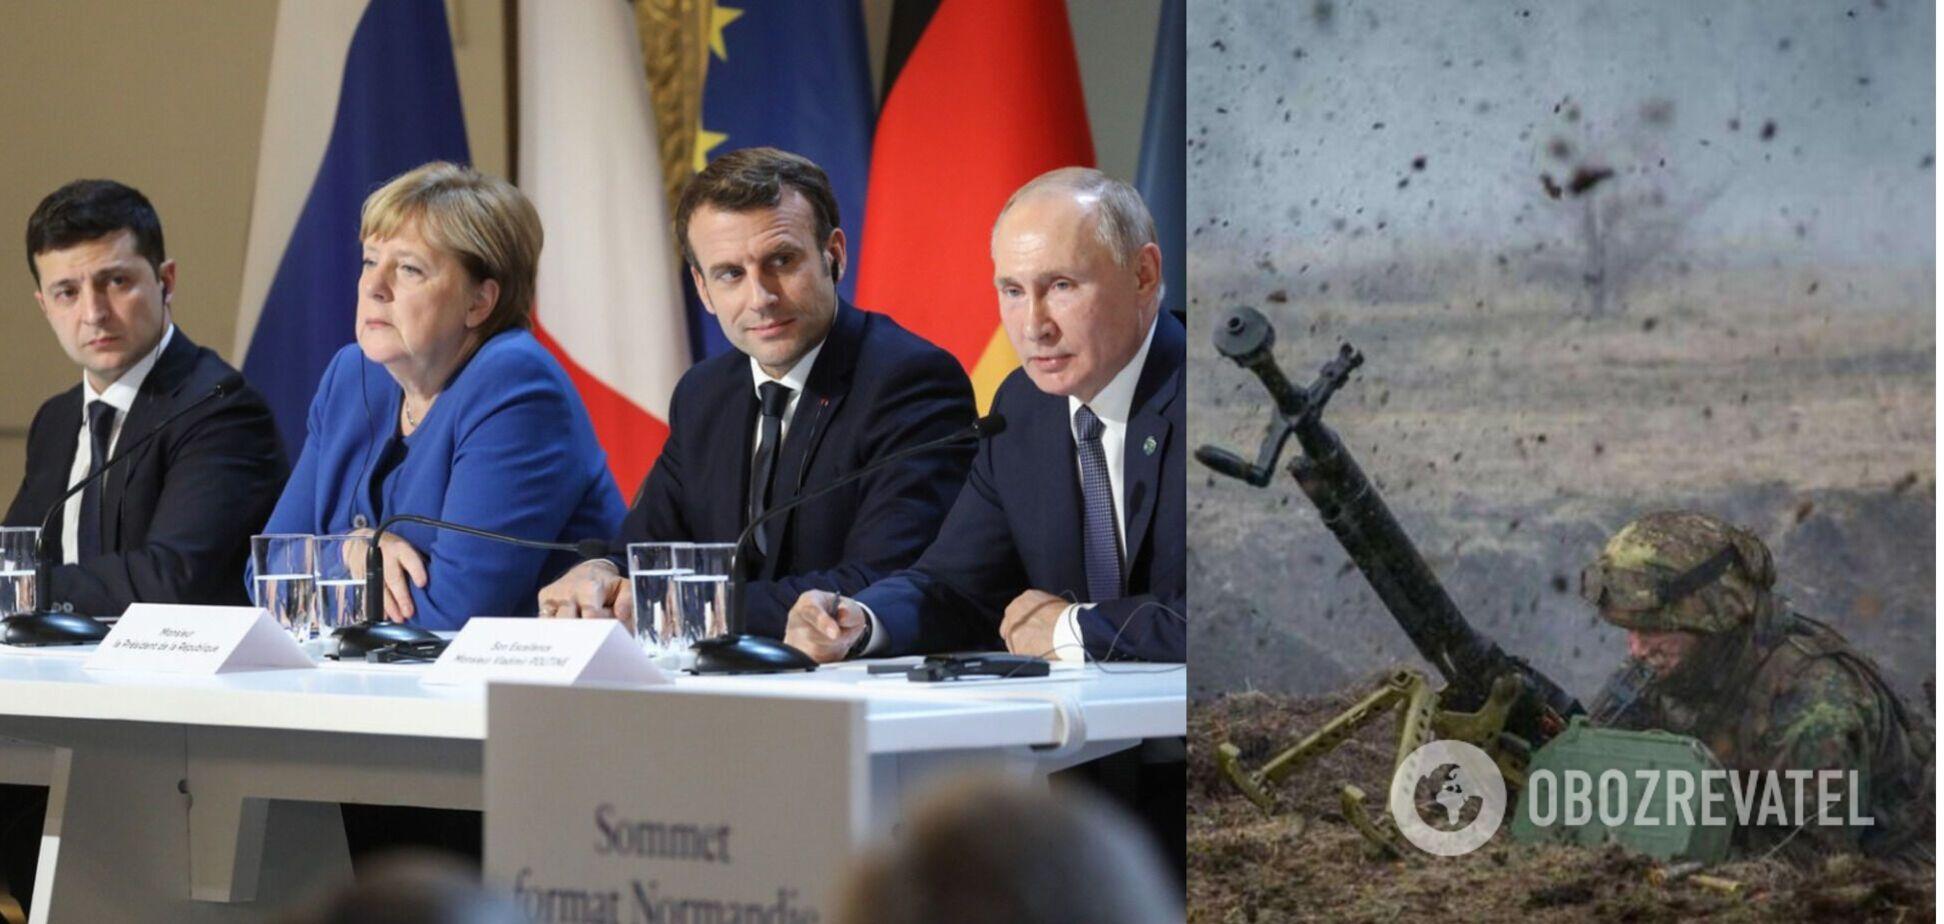 Зеленський зв'язався з лідерами 'нормандської четвірки' через загострення на Донбасі